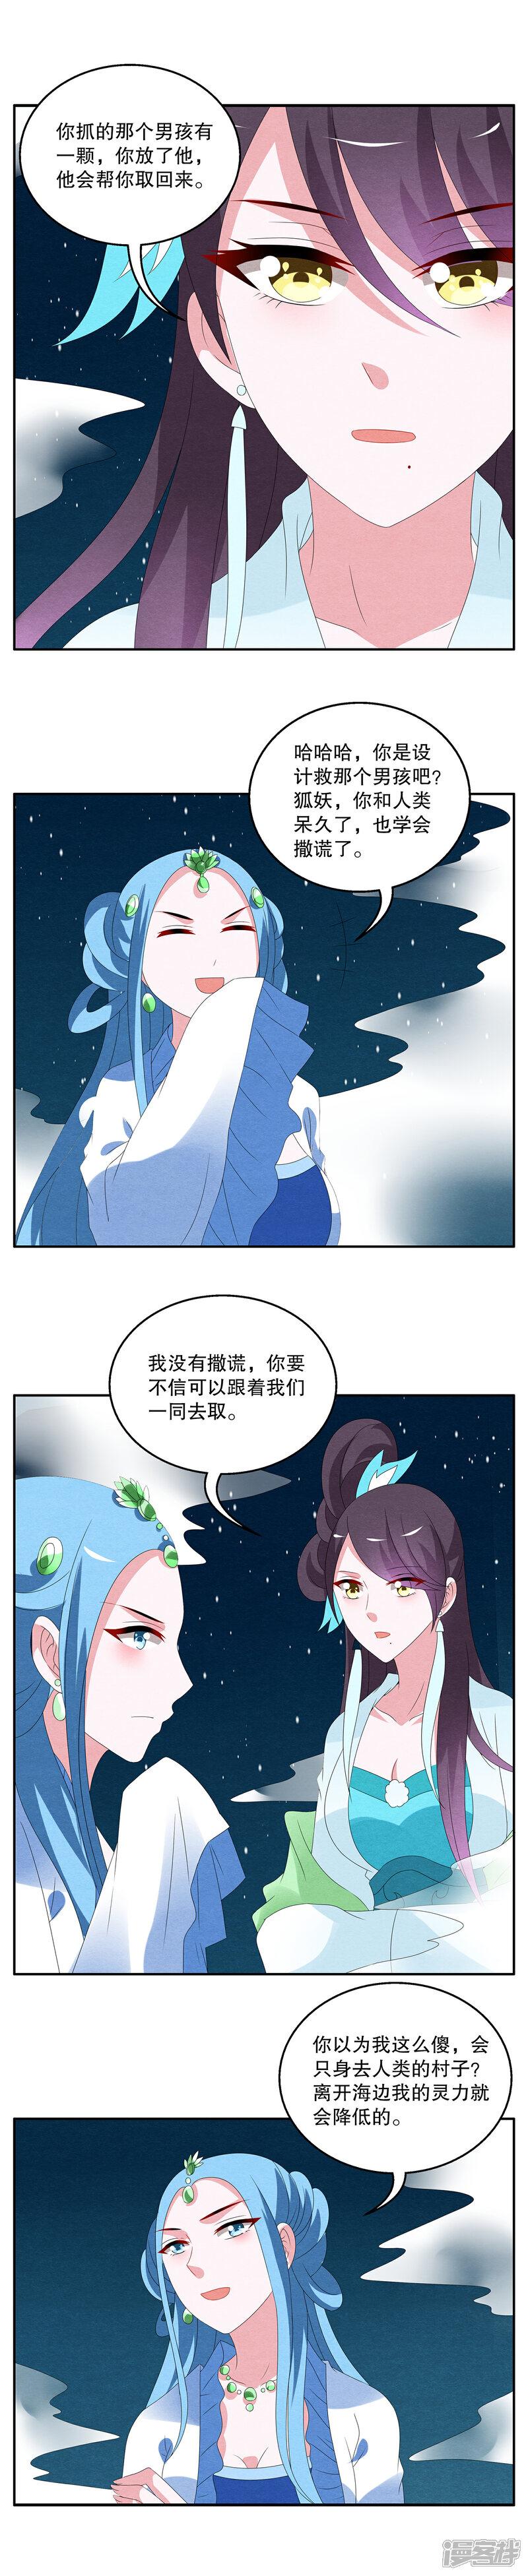 洛小妖85860002.JPG